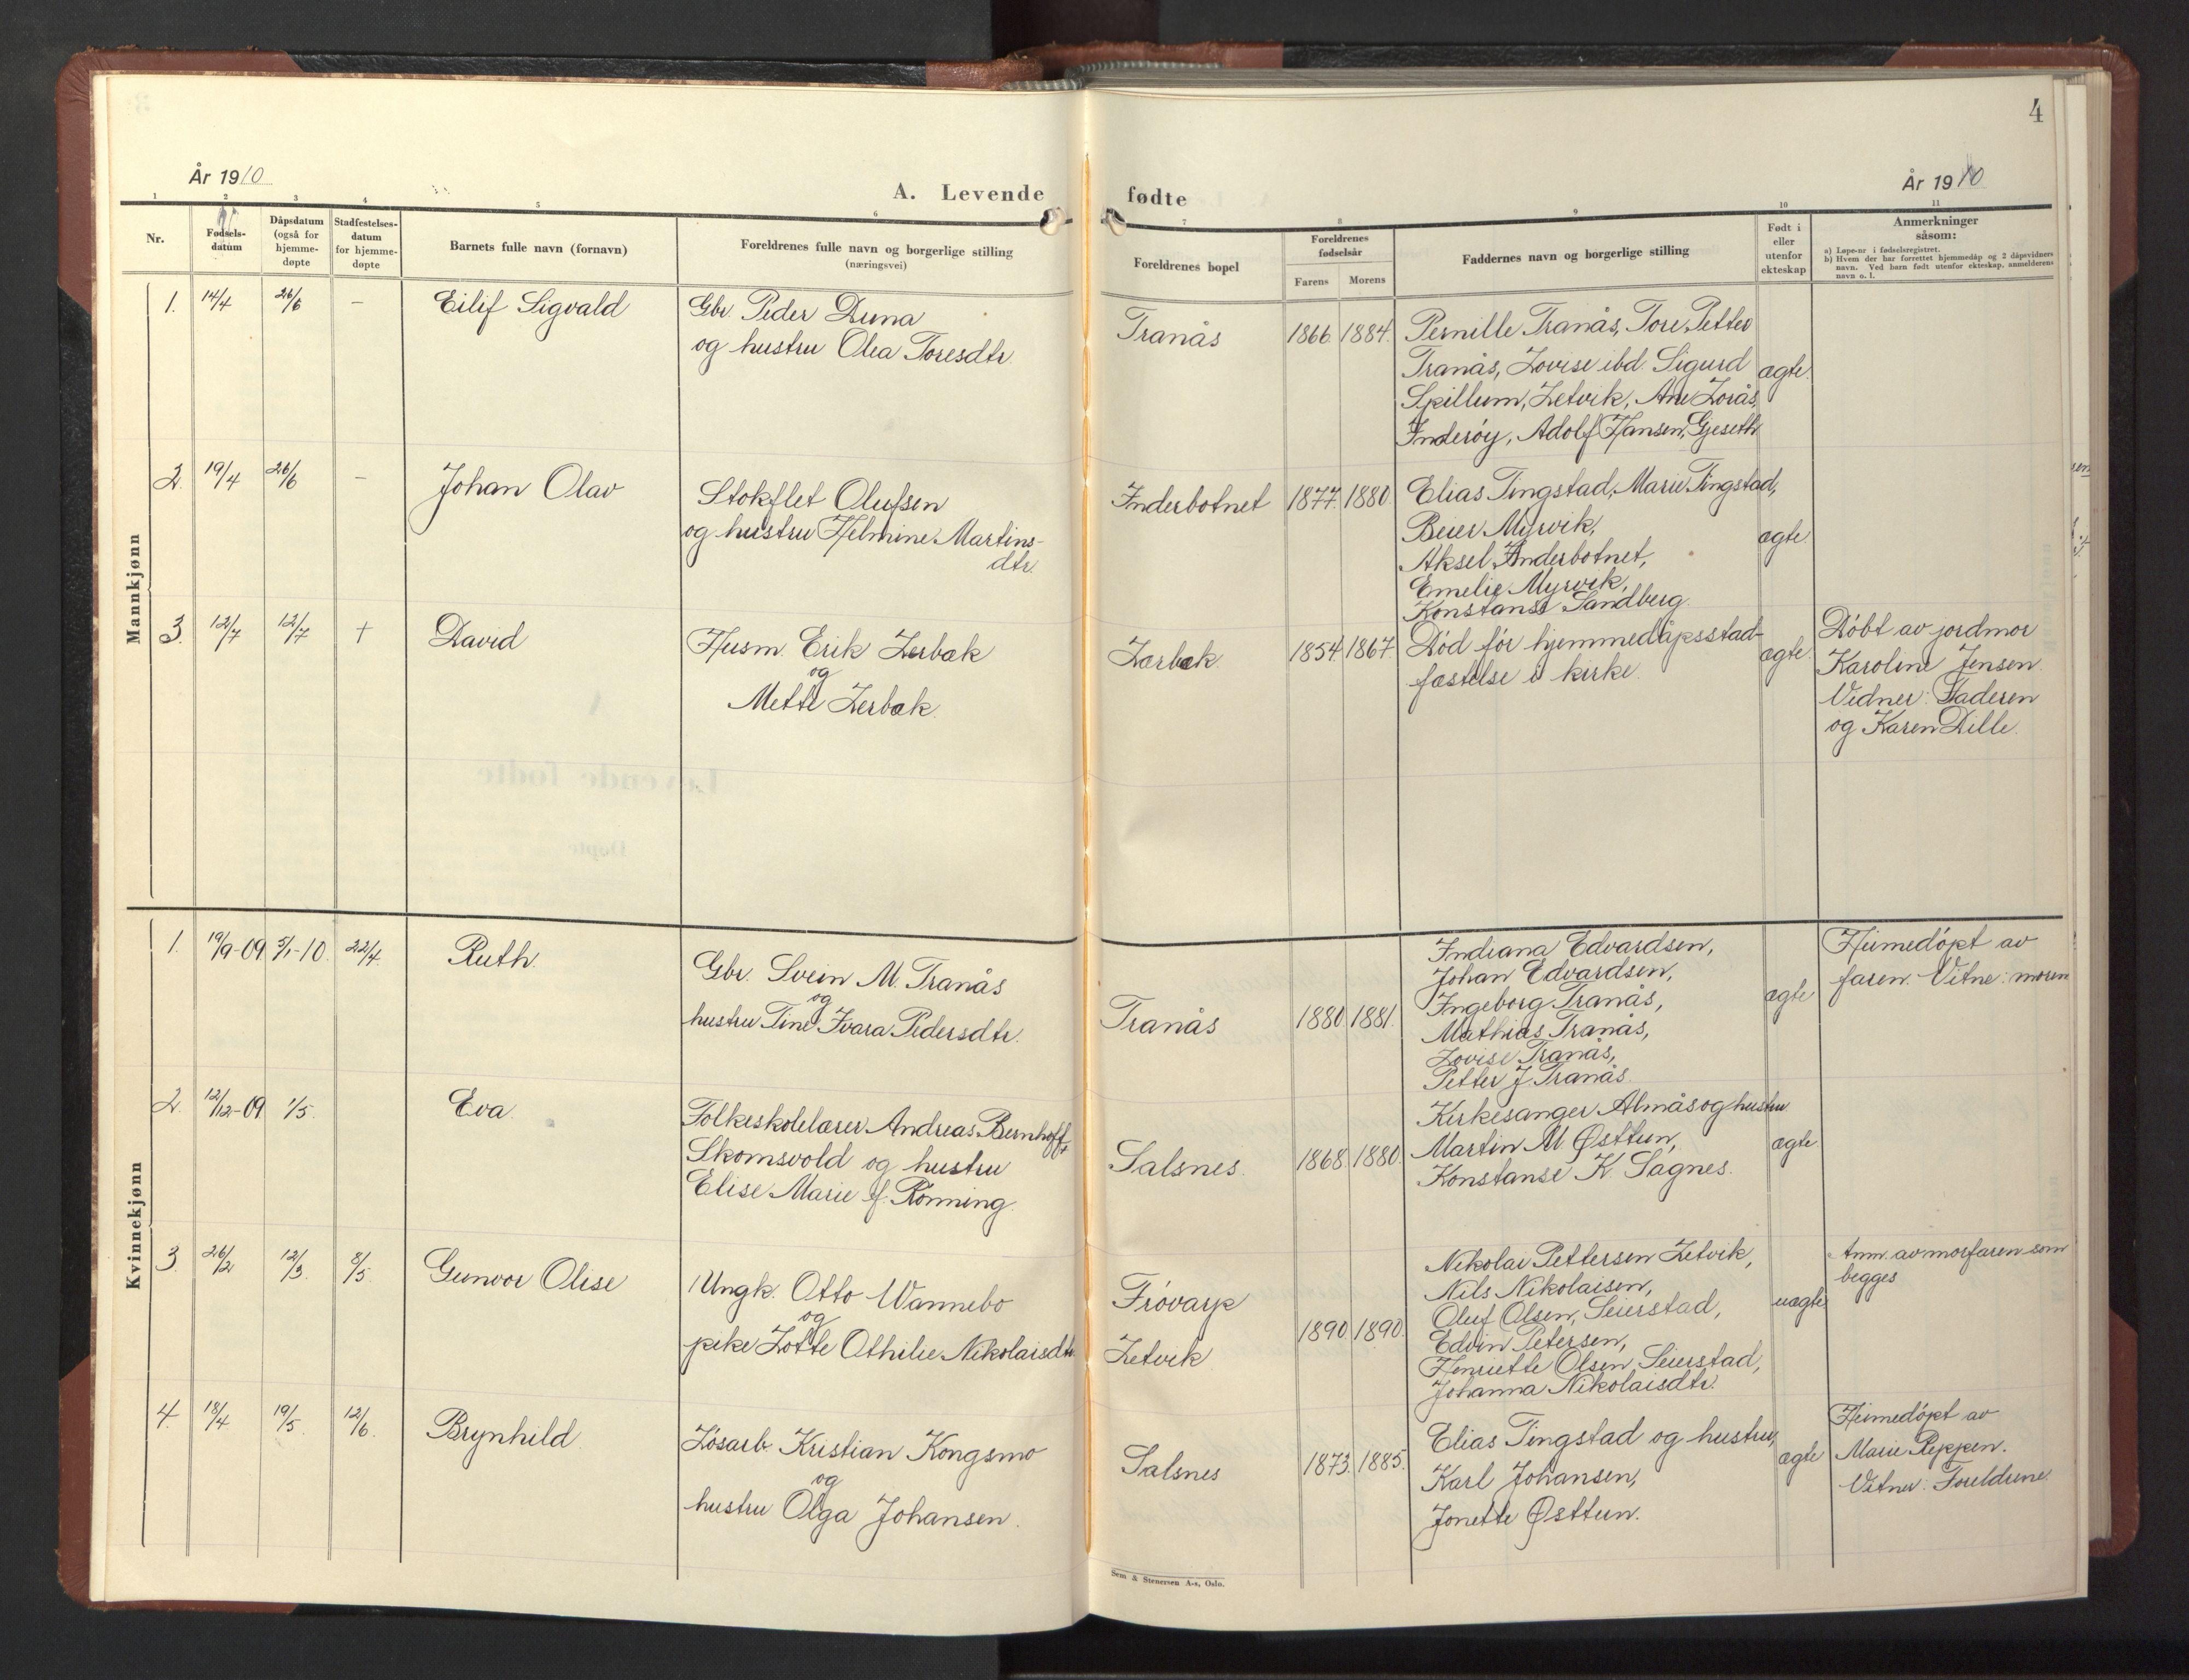 SAT, Ministerialprotokoller, klokkerbøker og fødselsregistre - Nord-Trøndelag, 773/L0625: Klokkerbok nr. 773C01, 1910-1952, s. 4